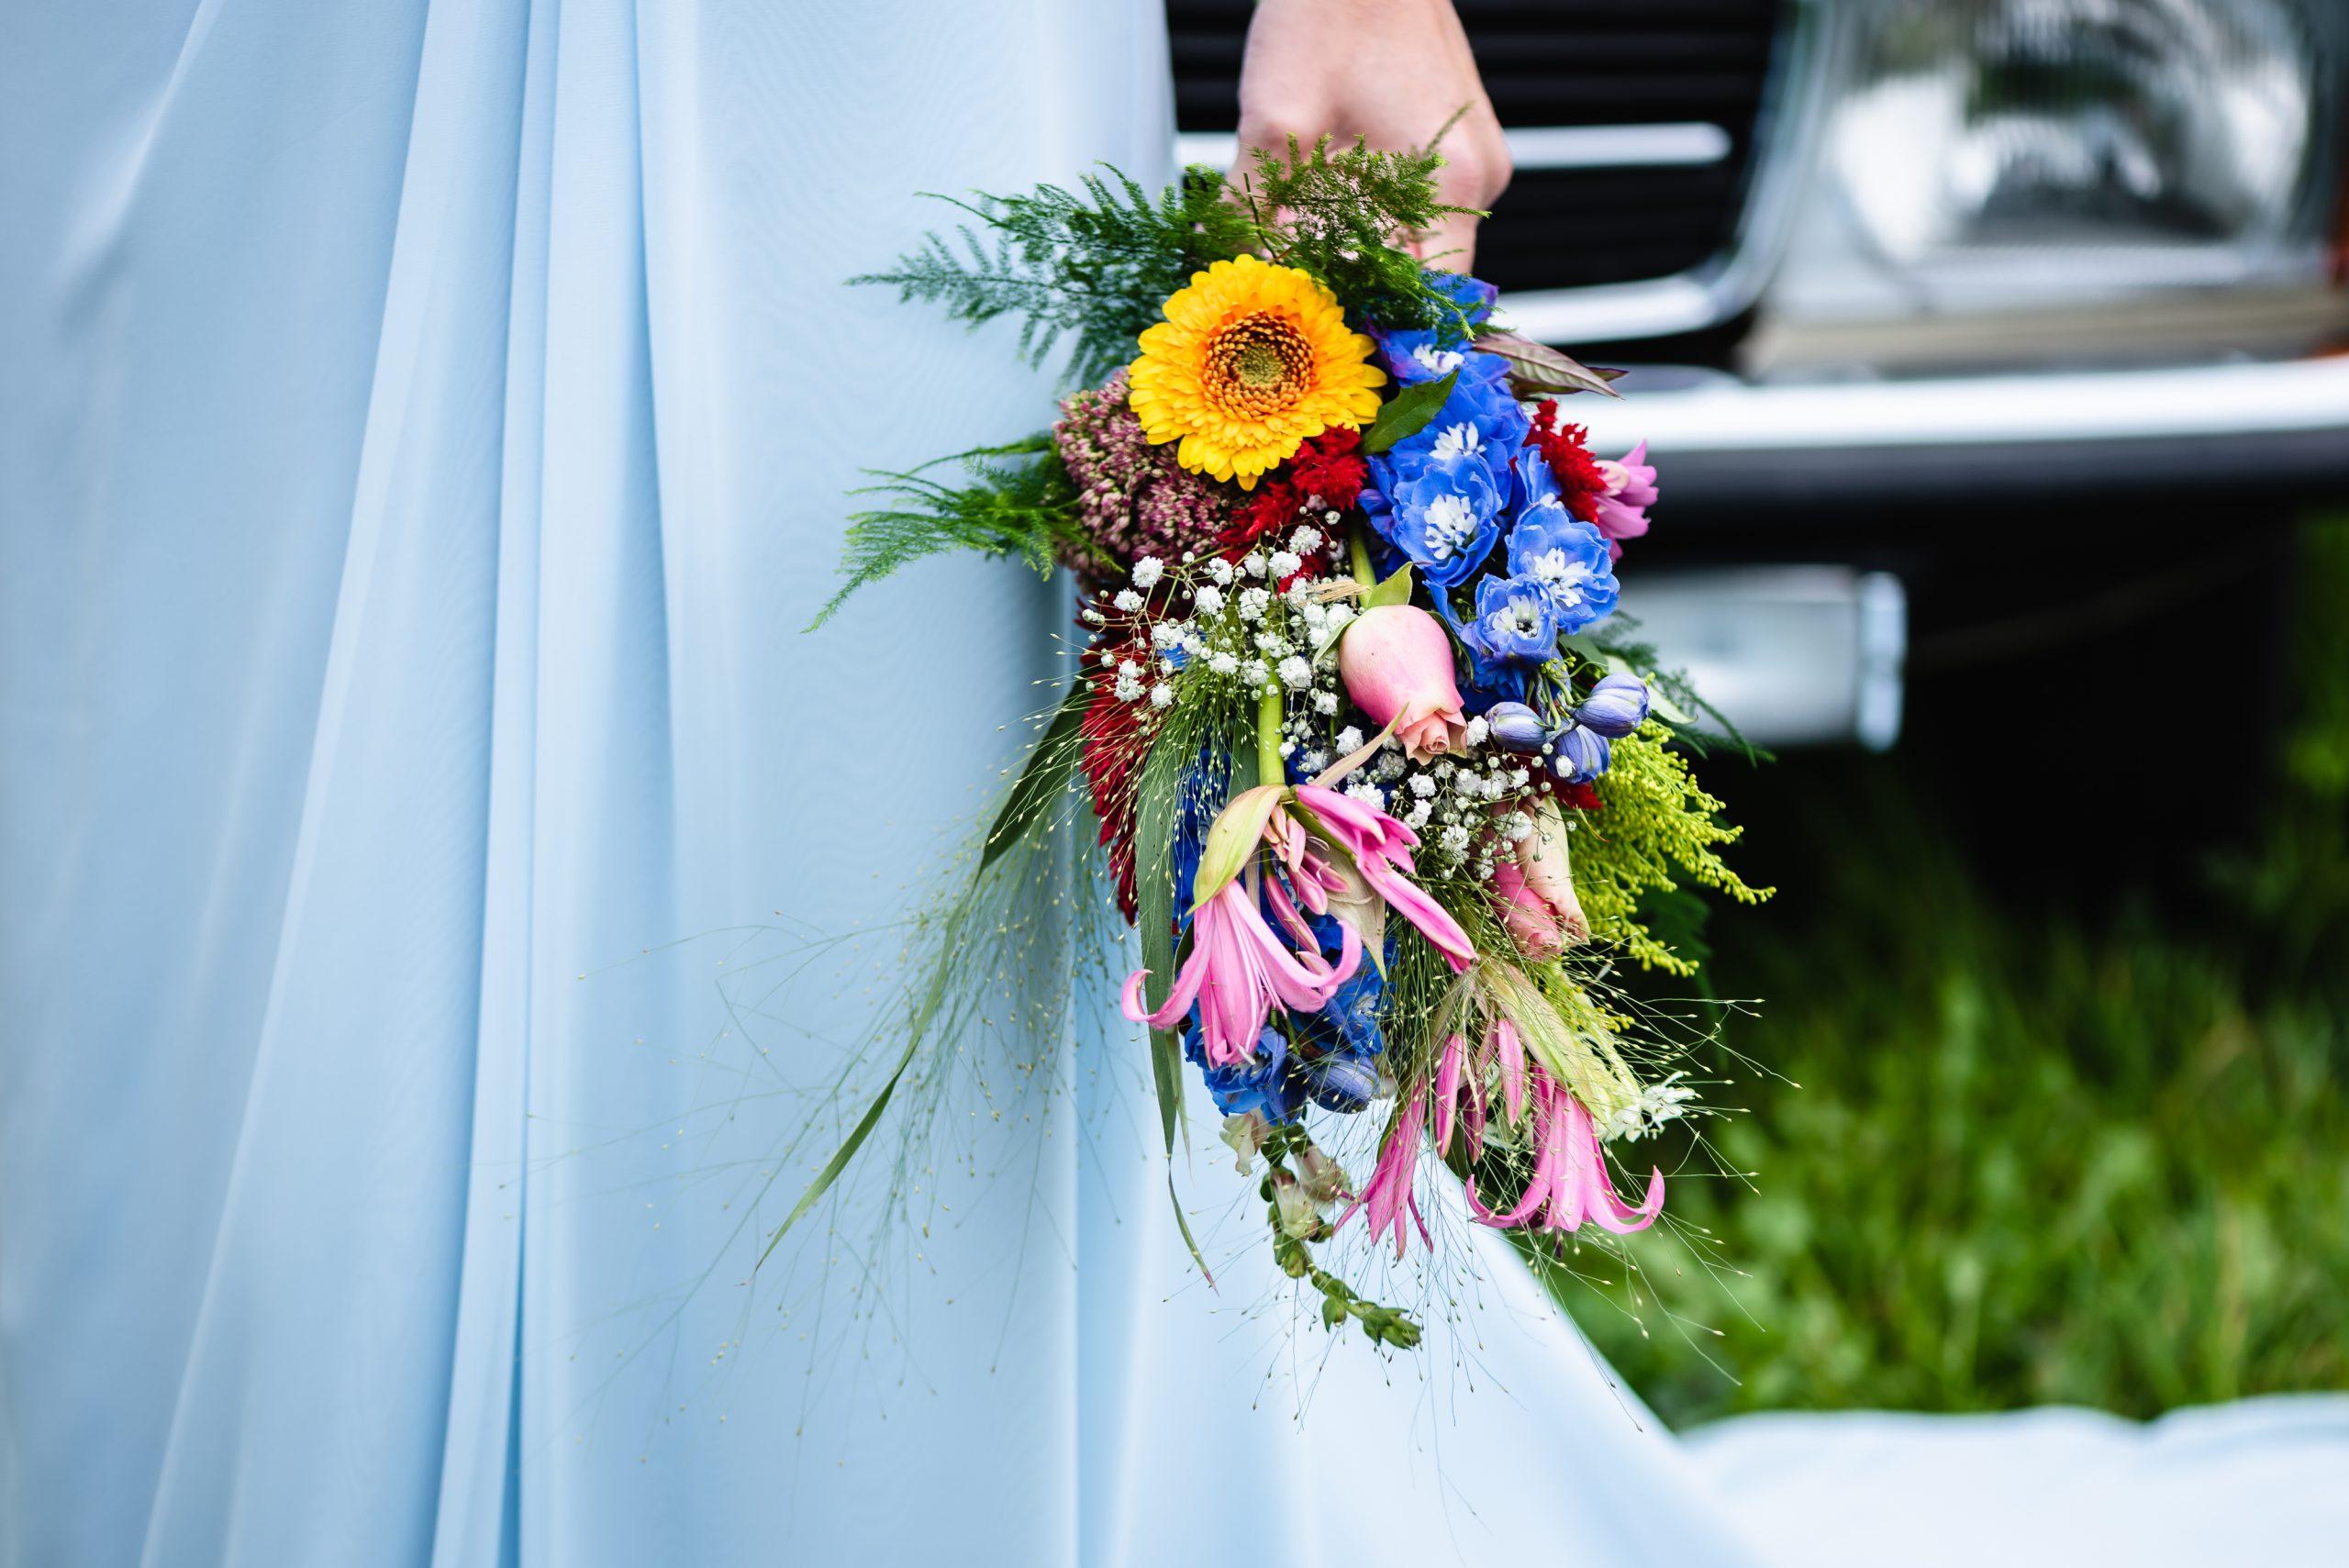 bruidsboeket, trouwen in Assen, Trouwen in Drenthe, bruidje